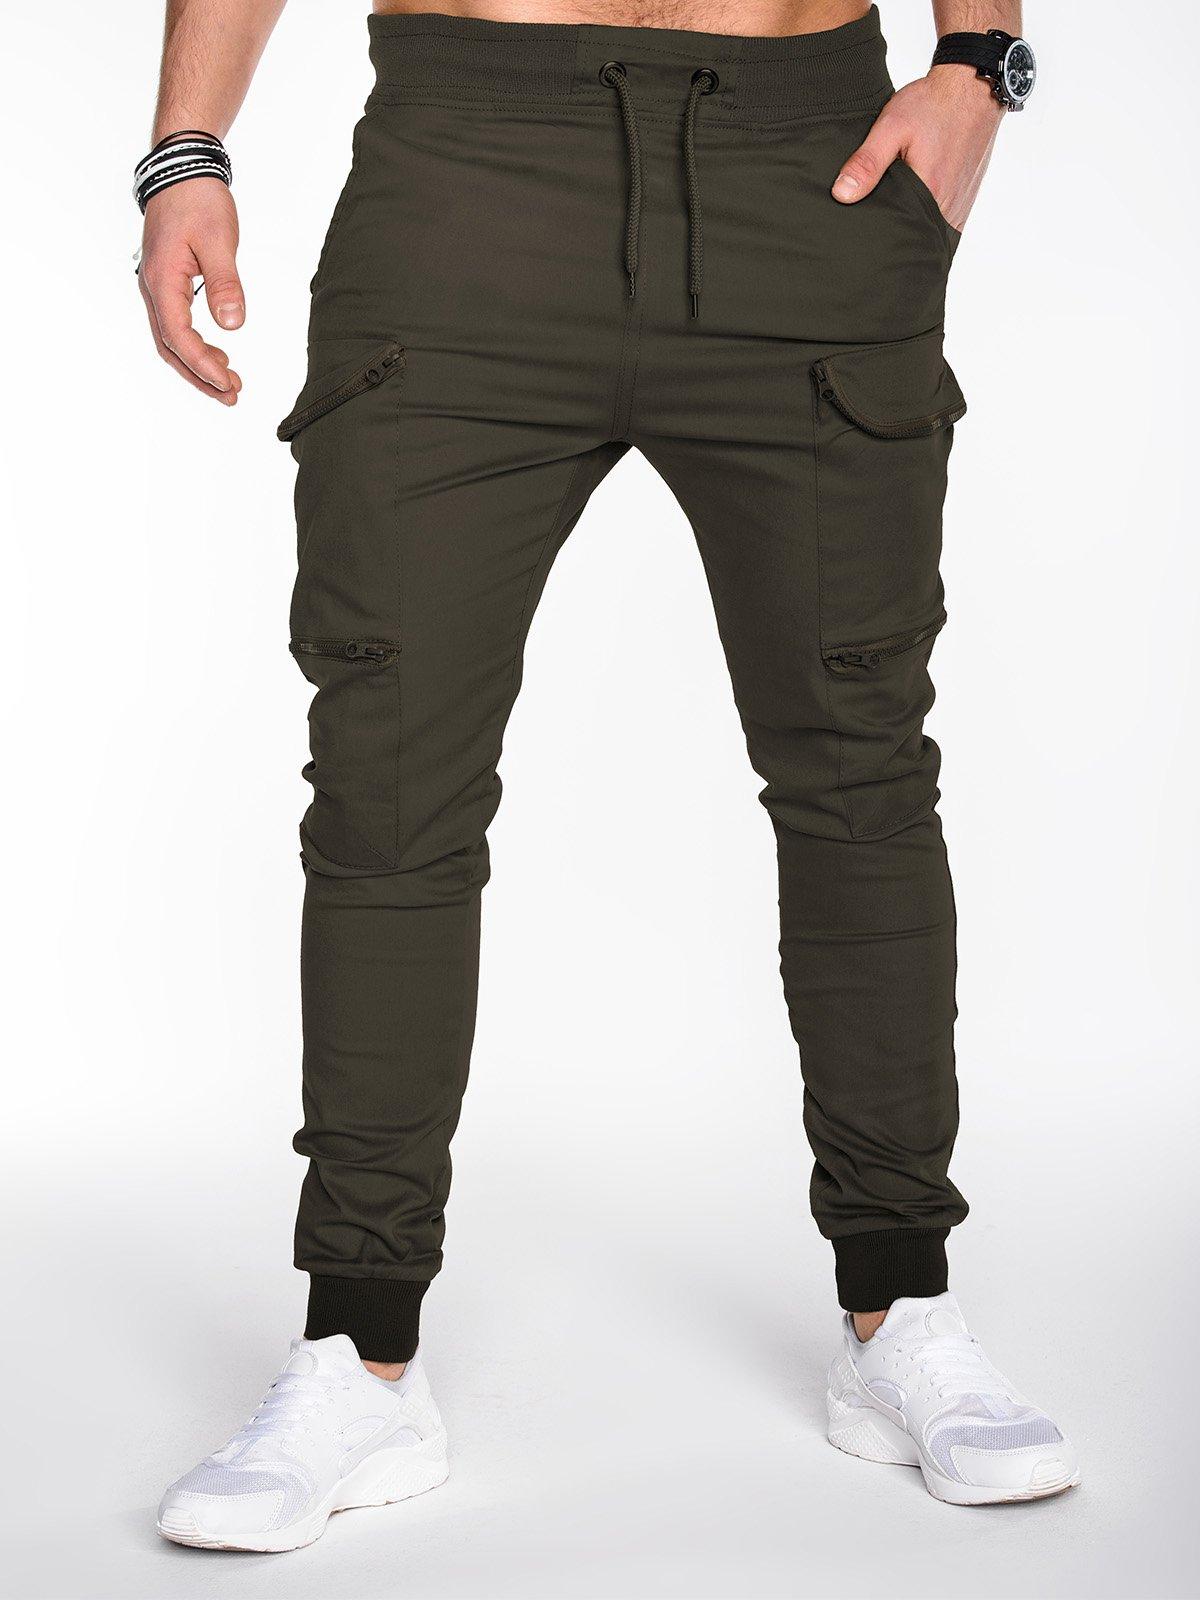 c7fbafc72c8815 Spodnie męskie joggery 456P - oliwkowe zielony || oliwkowy | Odzież \  Spodnie \ Wszystkie Odzież \ Spodnie \ Pozostałe - Edoti.com